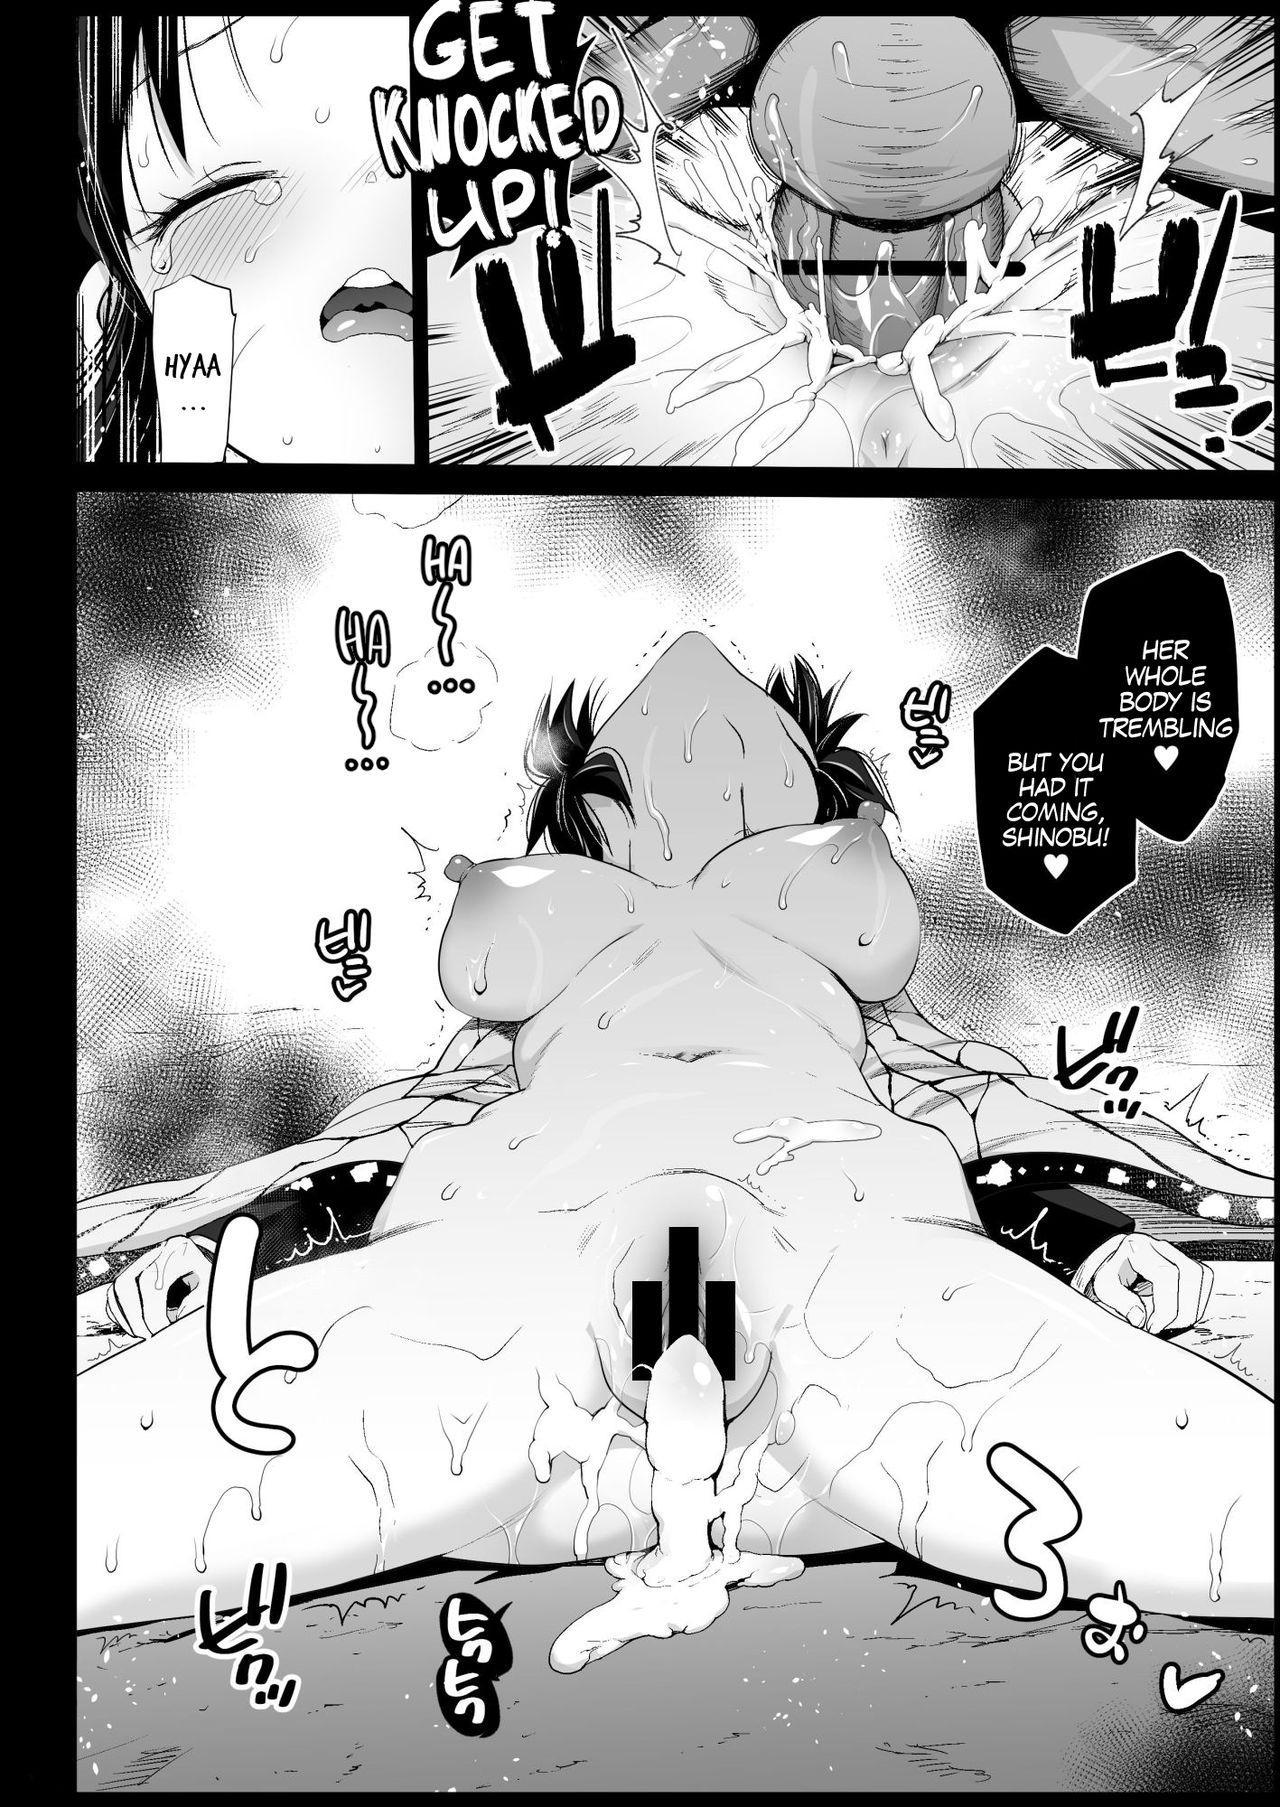 [Eromazun (Ma-kurou)] Kochou Shinobu Kan ~Neteiru Aida ni Ossan Oni ni Okasareru~ - RAPE OF DEMON SLAYER 2 (Kimetsu no Yaiba) [English] [MegaFagget] 13